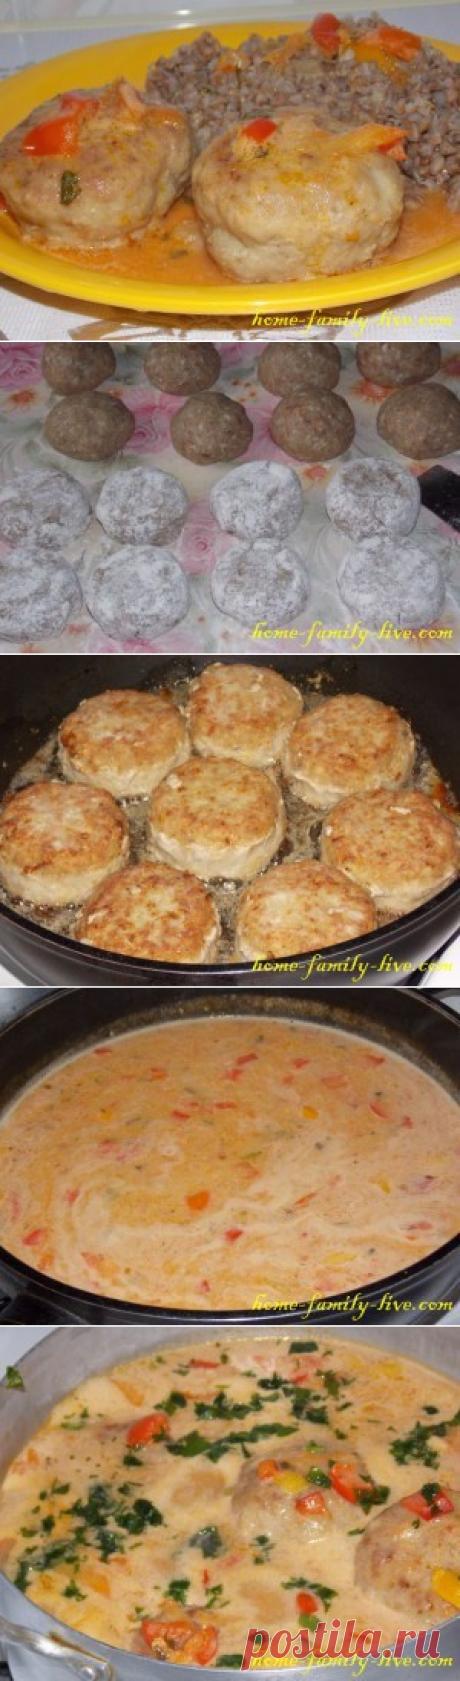 Биточки/Сайт с пошаговыми рецептами с фото для тех кто любит готовить